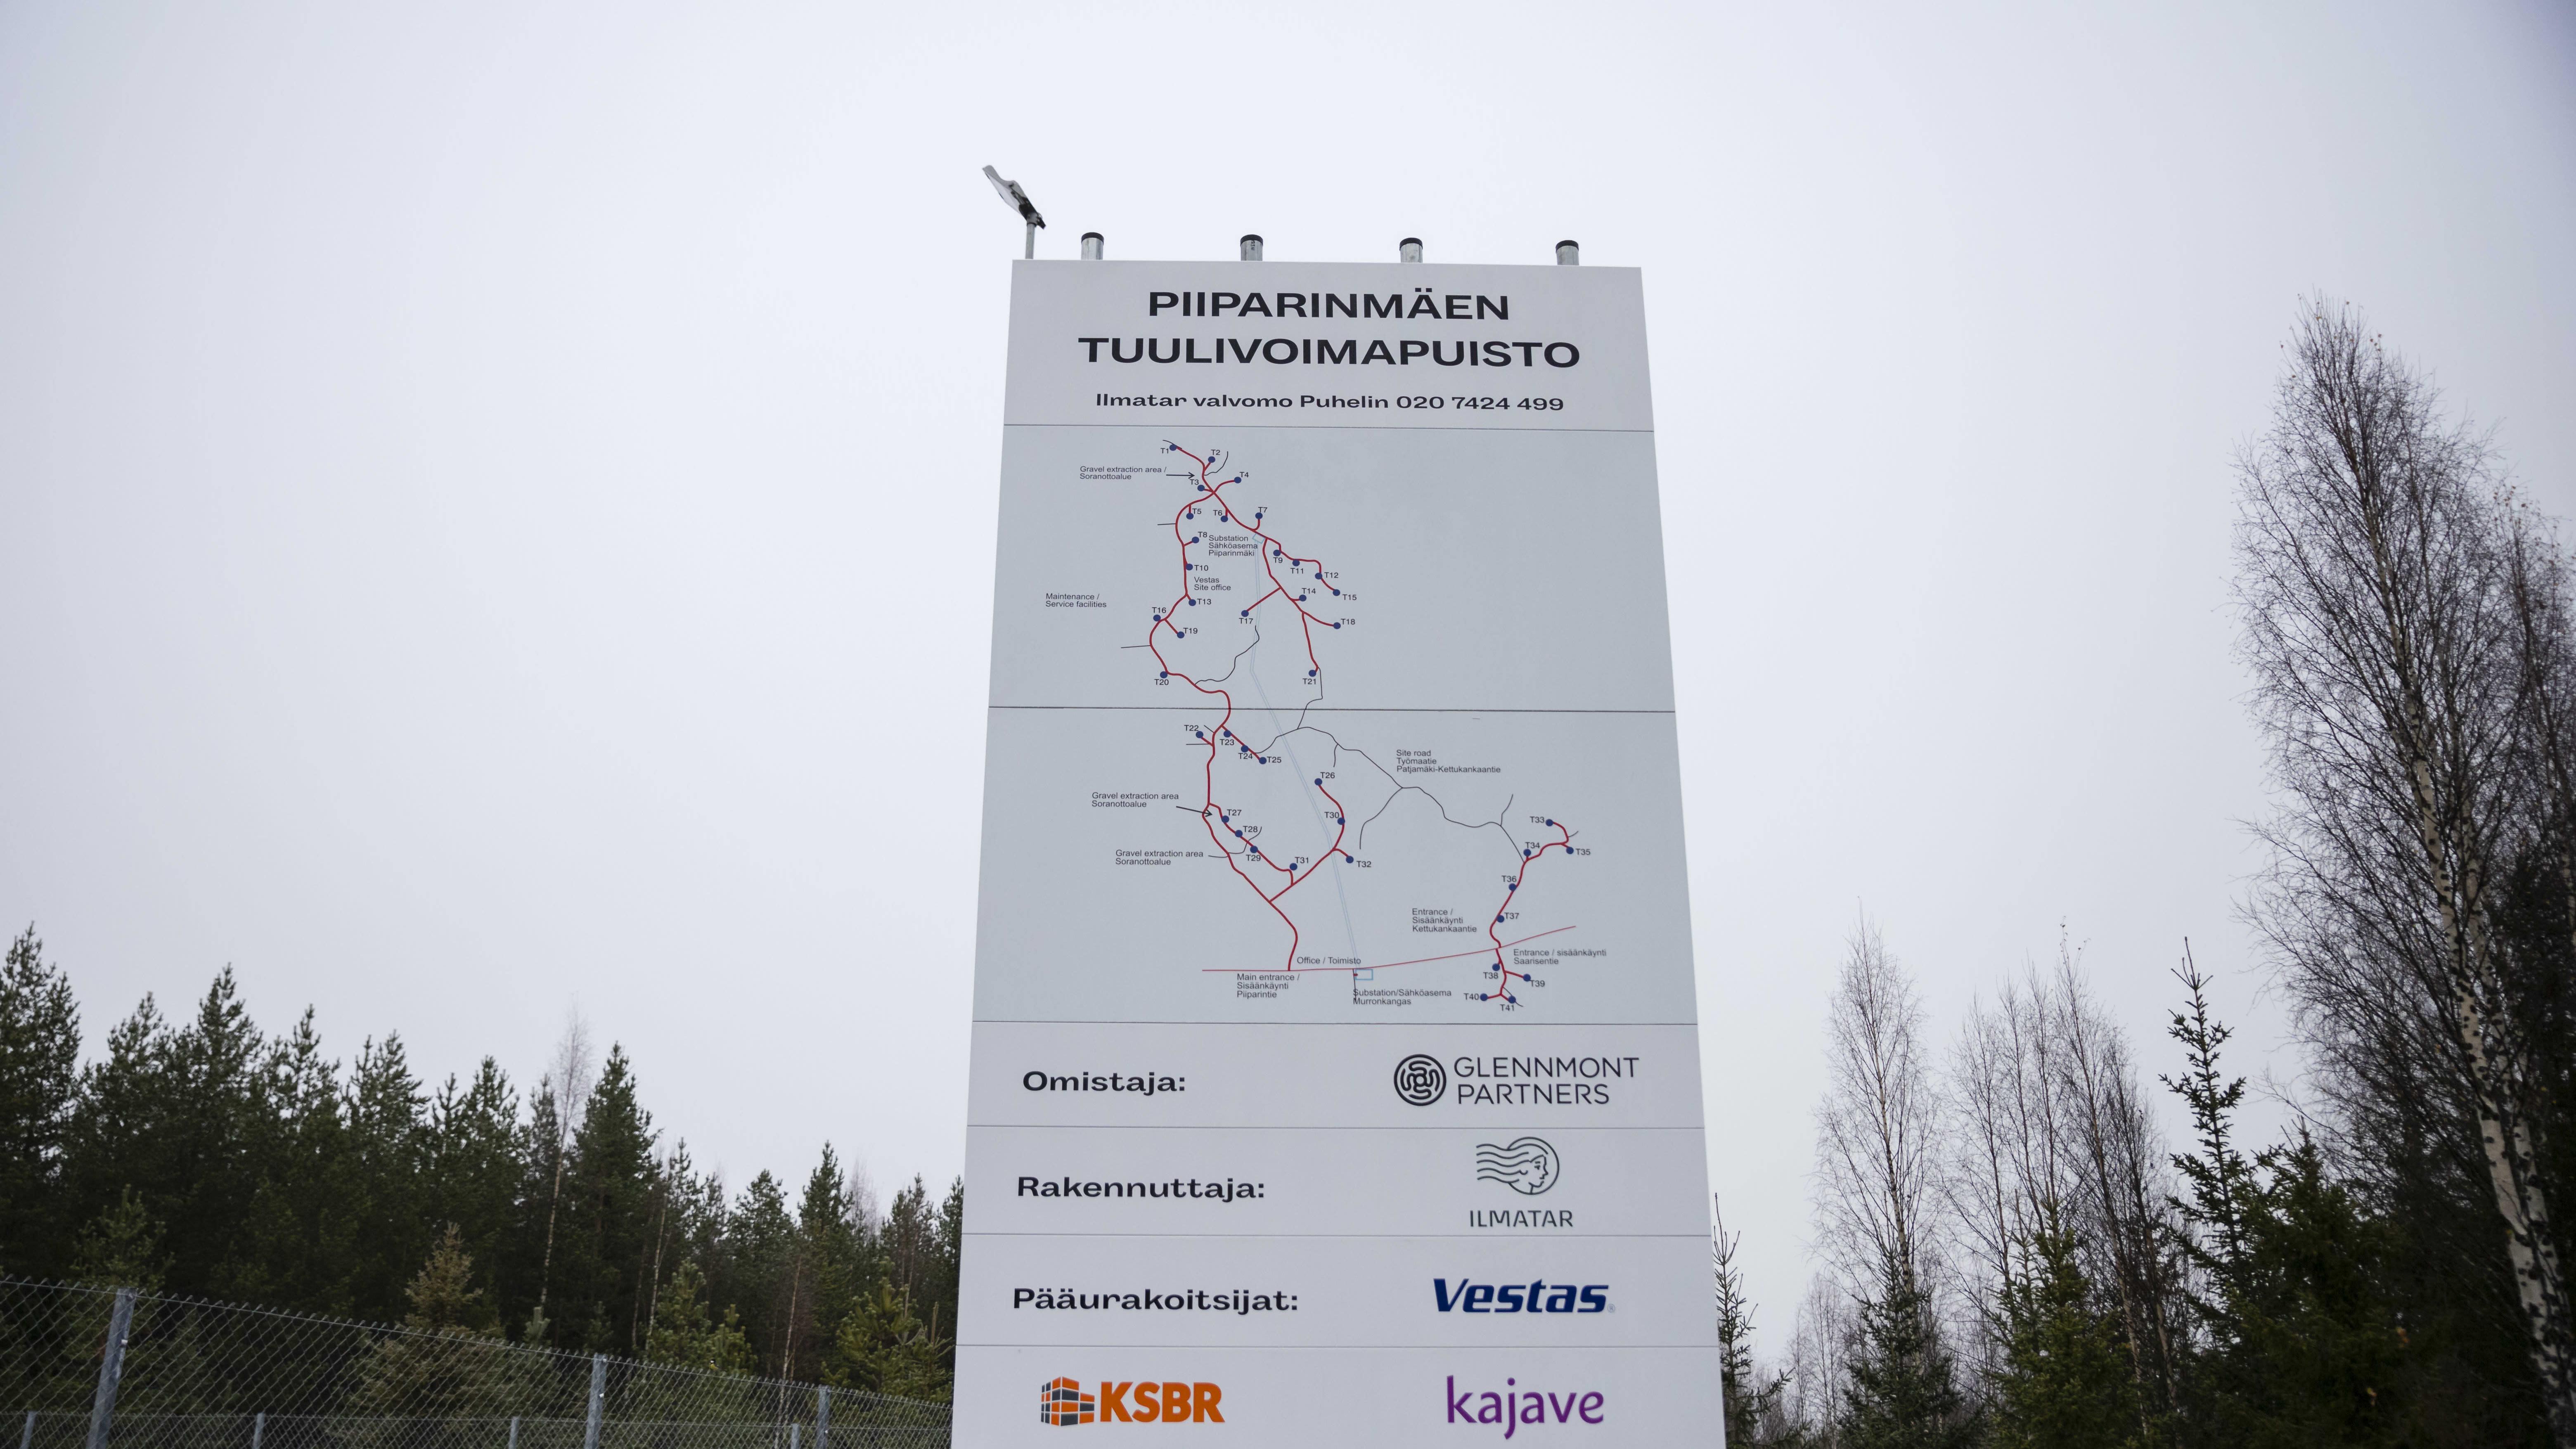 Piiparinmäen tuulipuiston opastekartta vierailukeskuksella